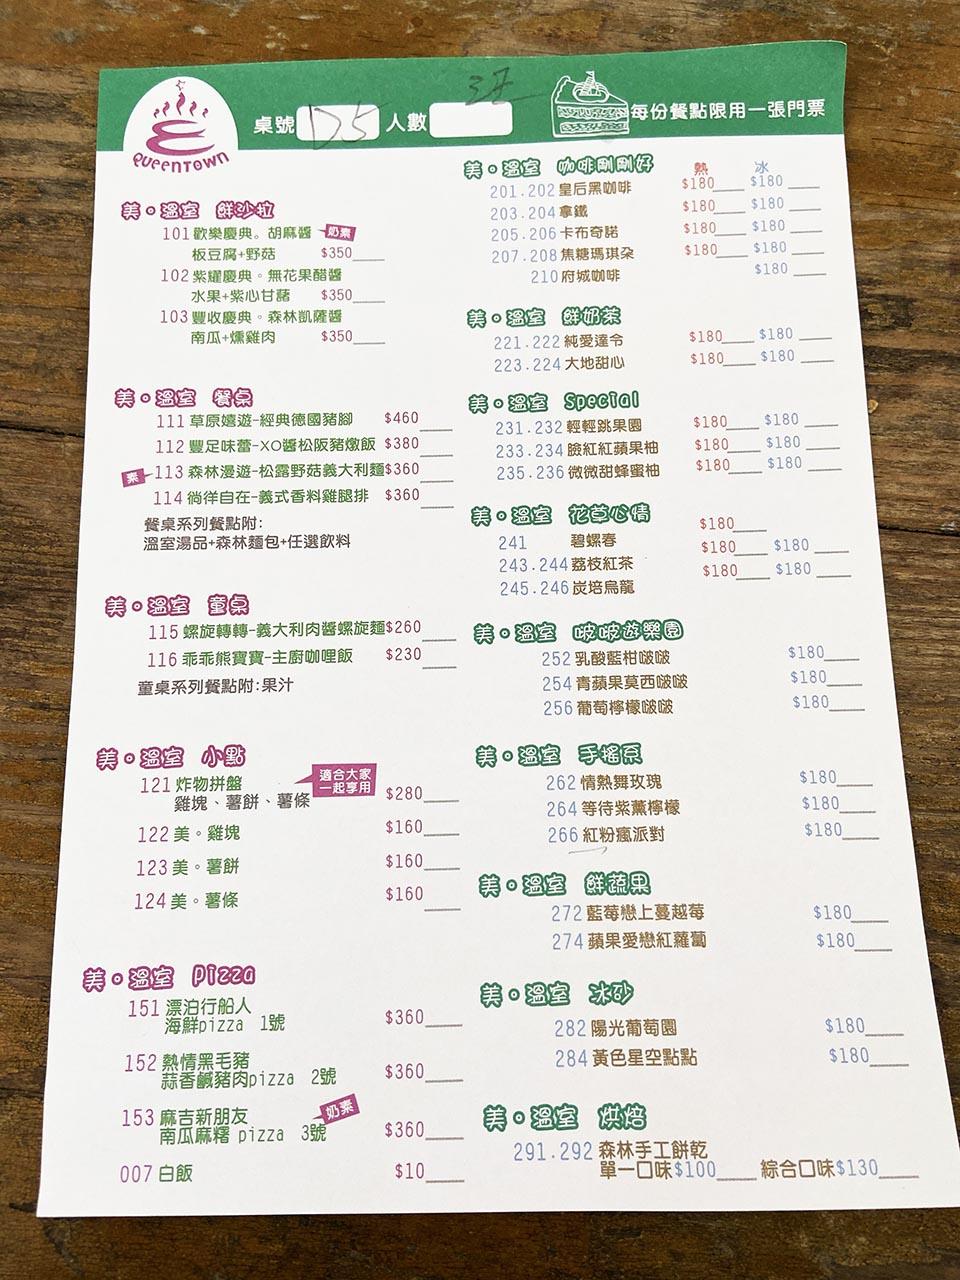 皇后鎮森林溫室下午茶-菜單